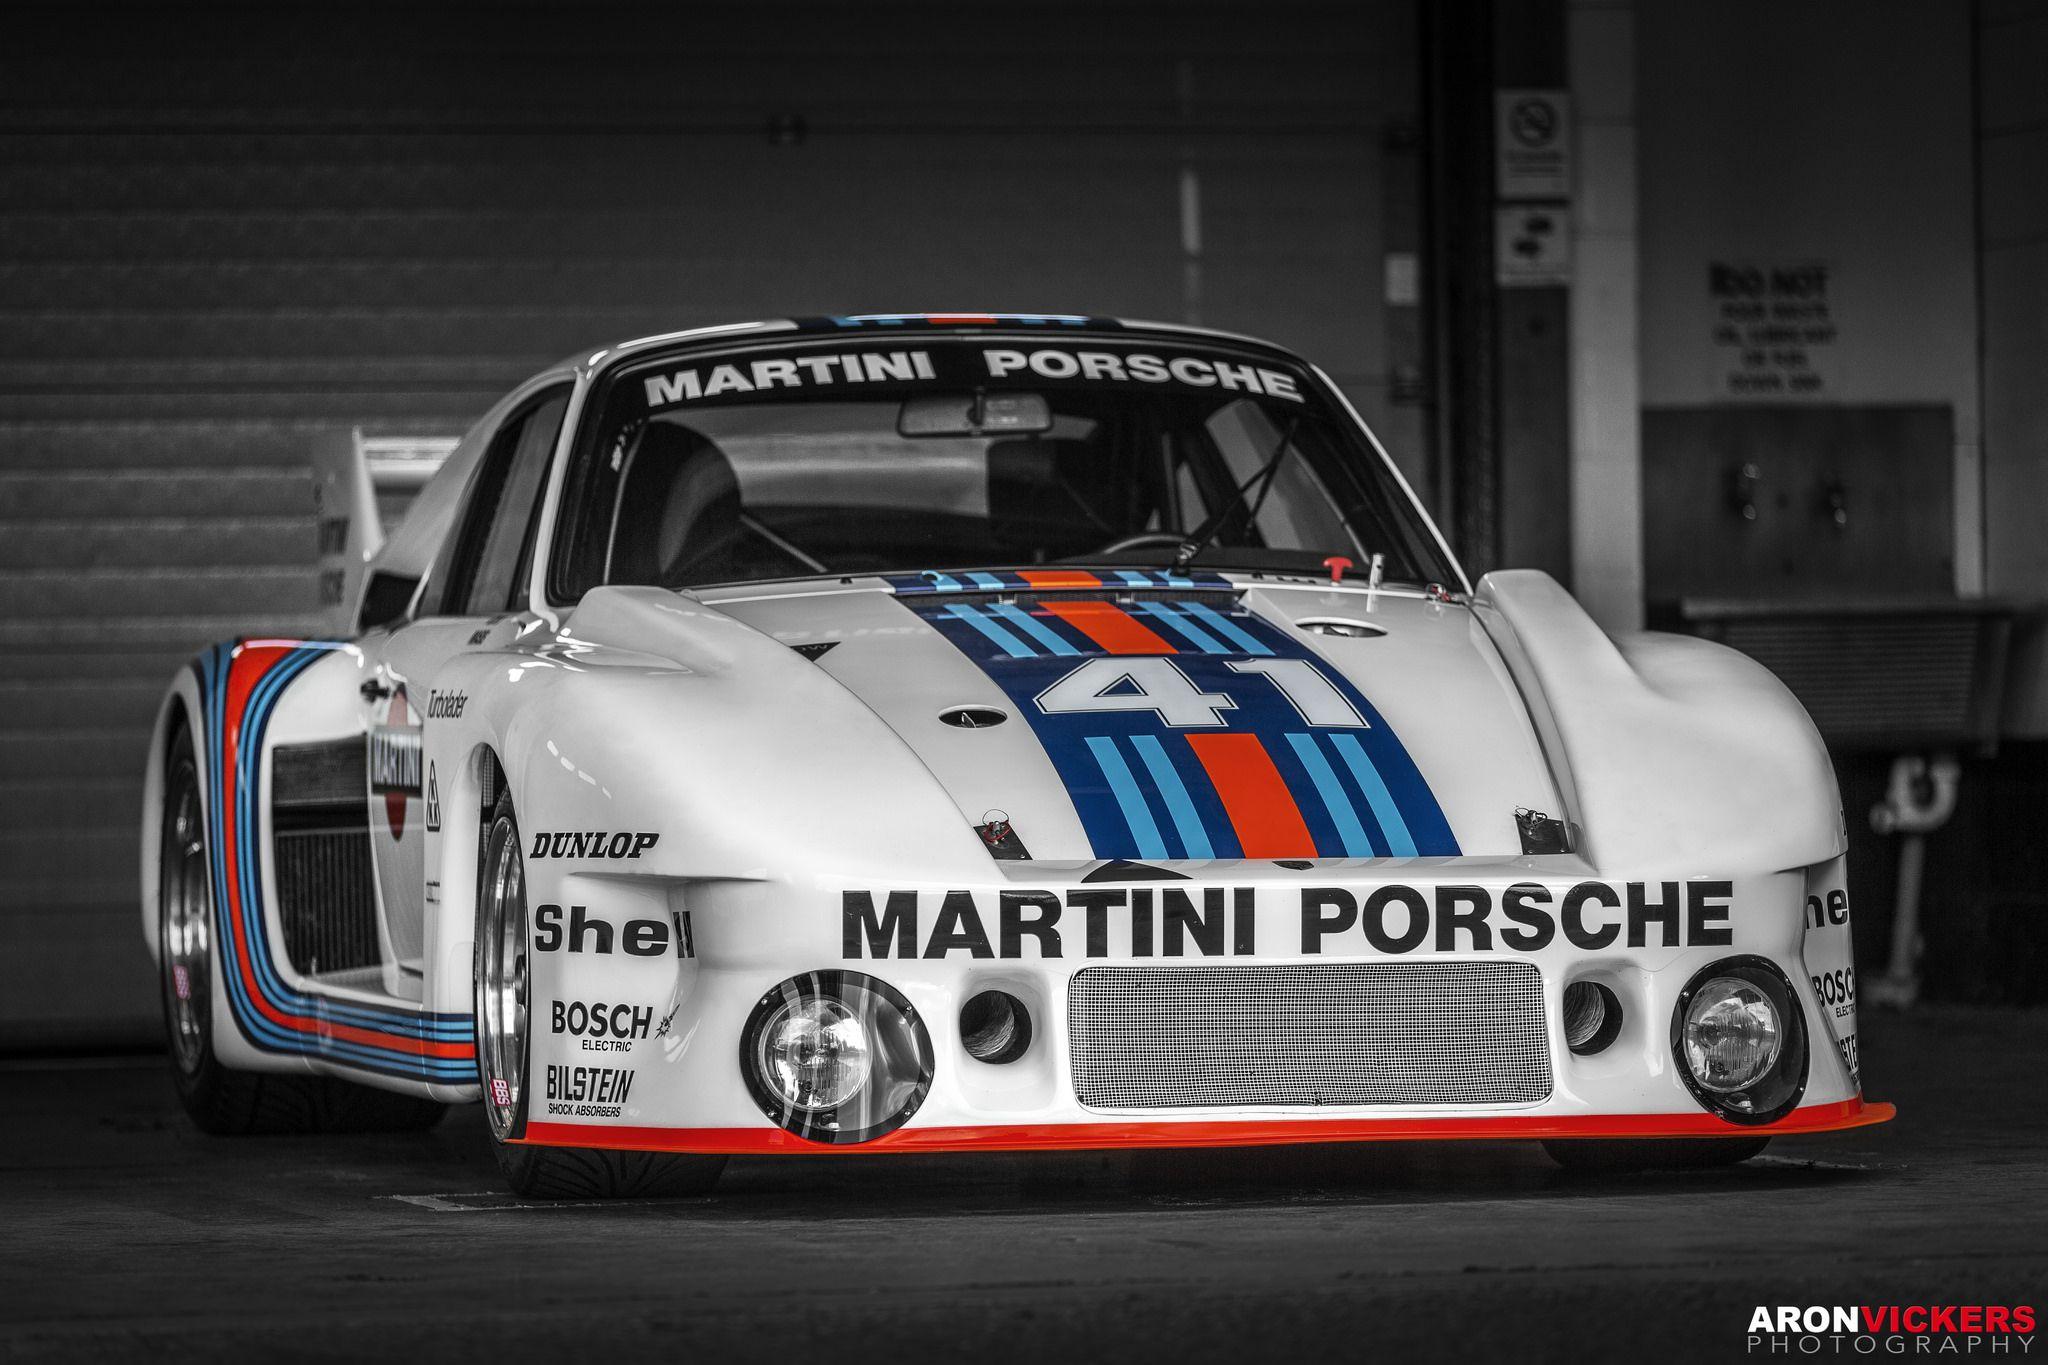 8935290de6bf35351800f36fa6e56659 Fascinating Porsche 911 Gt1 Evo 98 Slot It Cars Trend